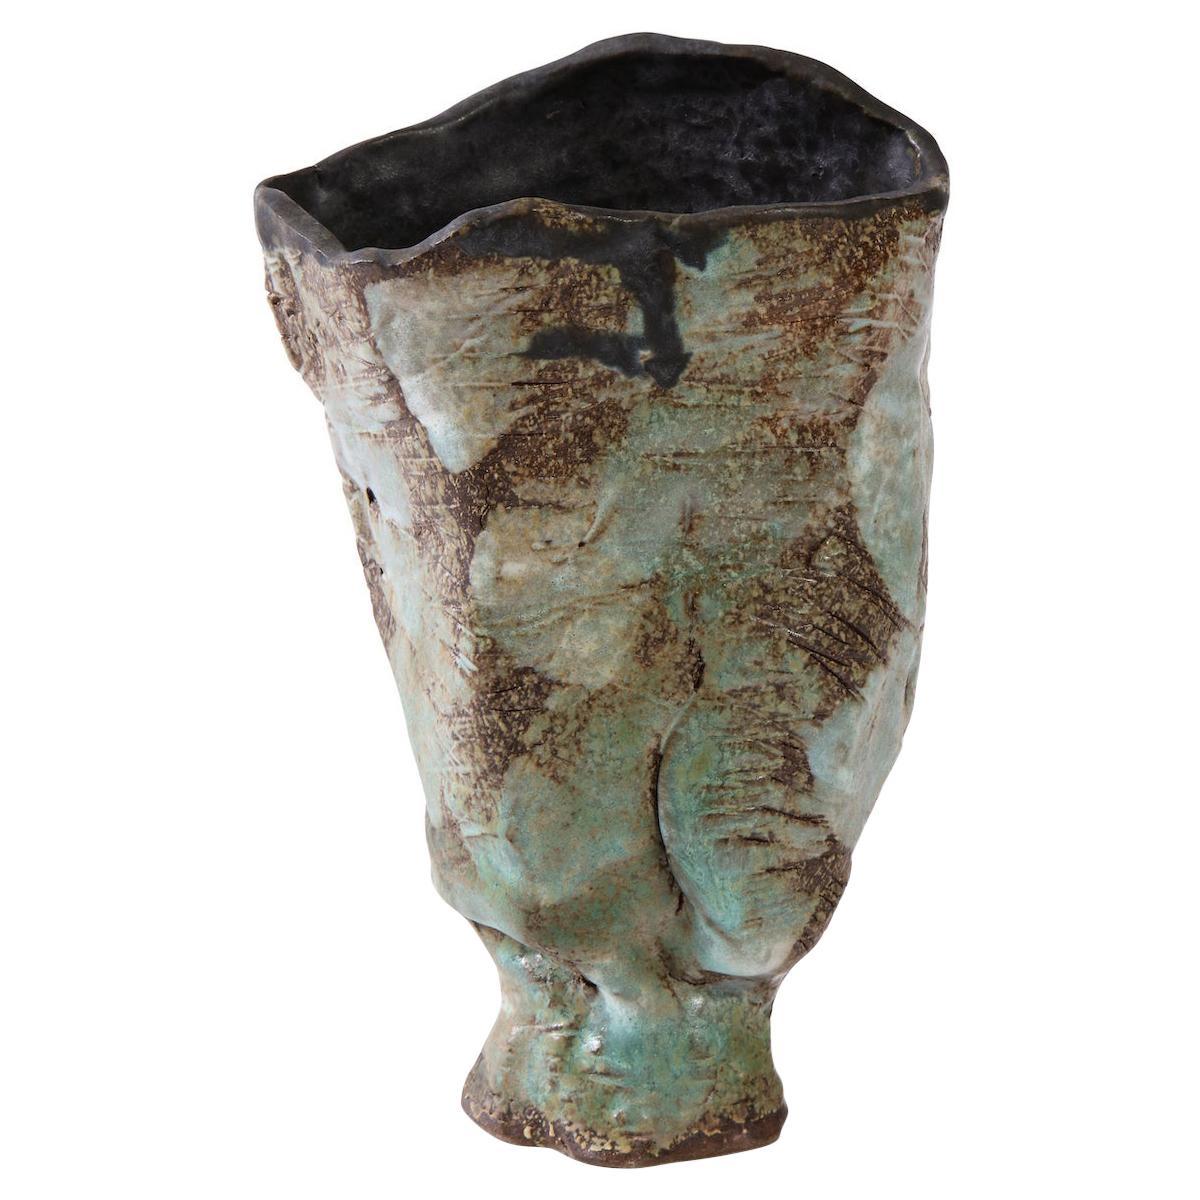 Sculptural Vase #5 by Dena Zemsky